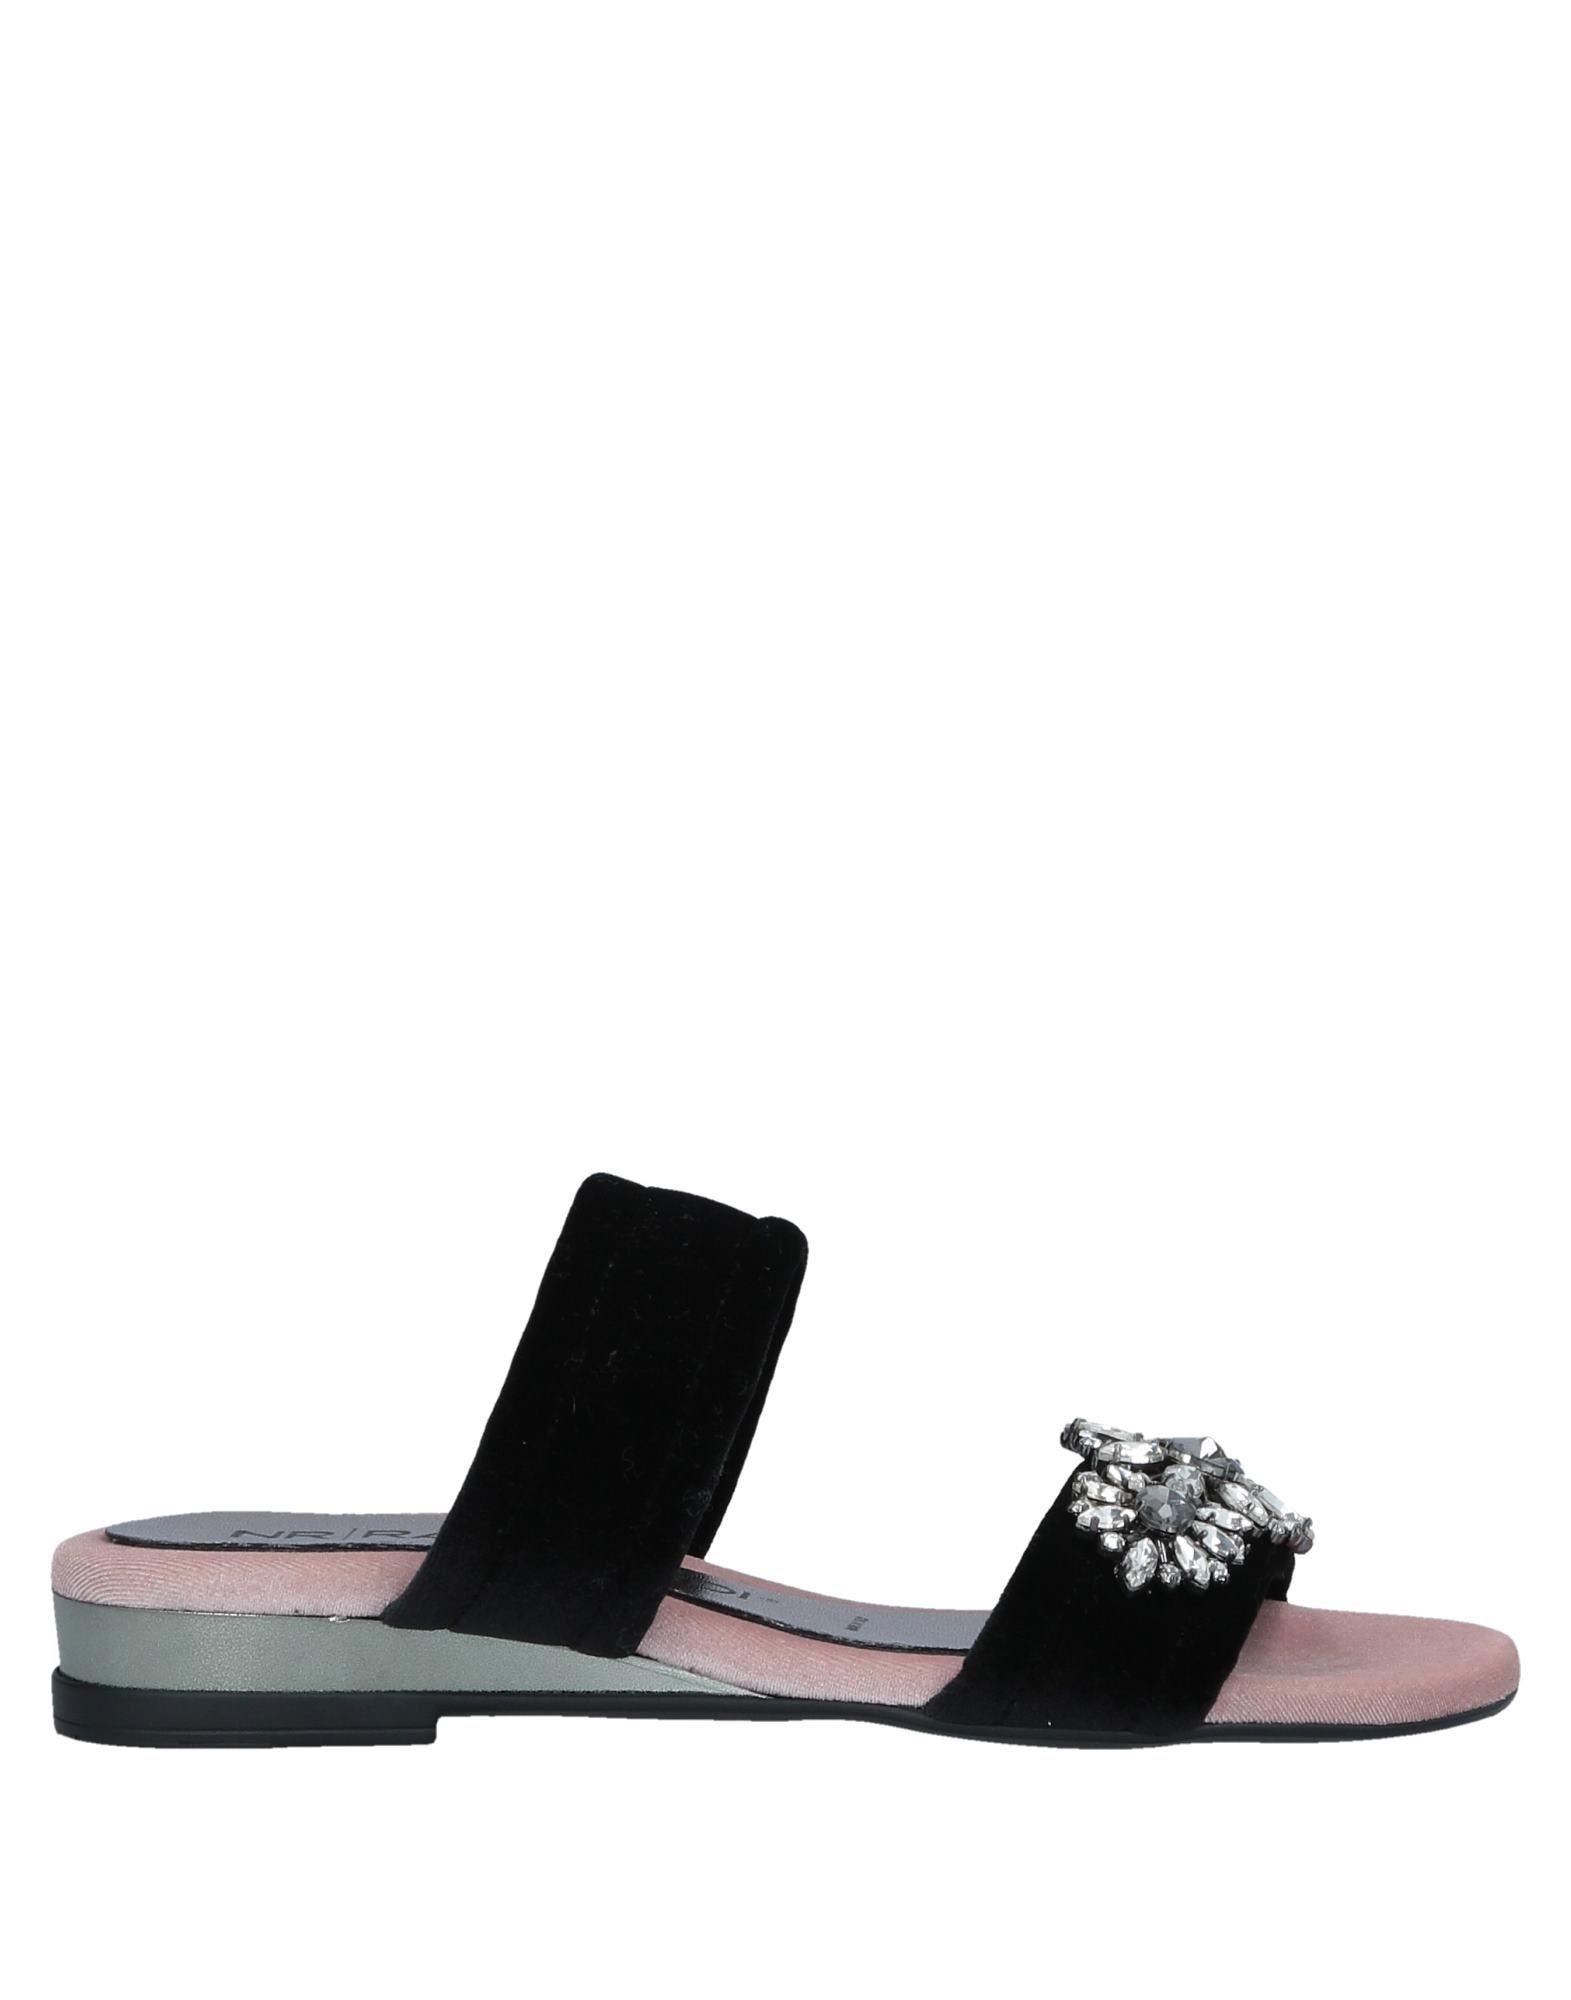 Nr Nr Rapisardi Sandals - Women Nr Nr Rapisardi Sandals online on  Canada - 11504876EI ac2cd9